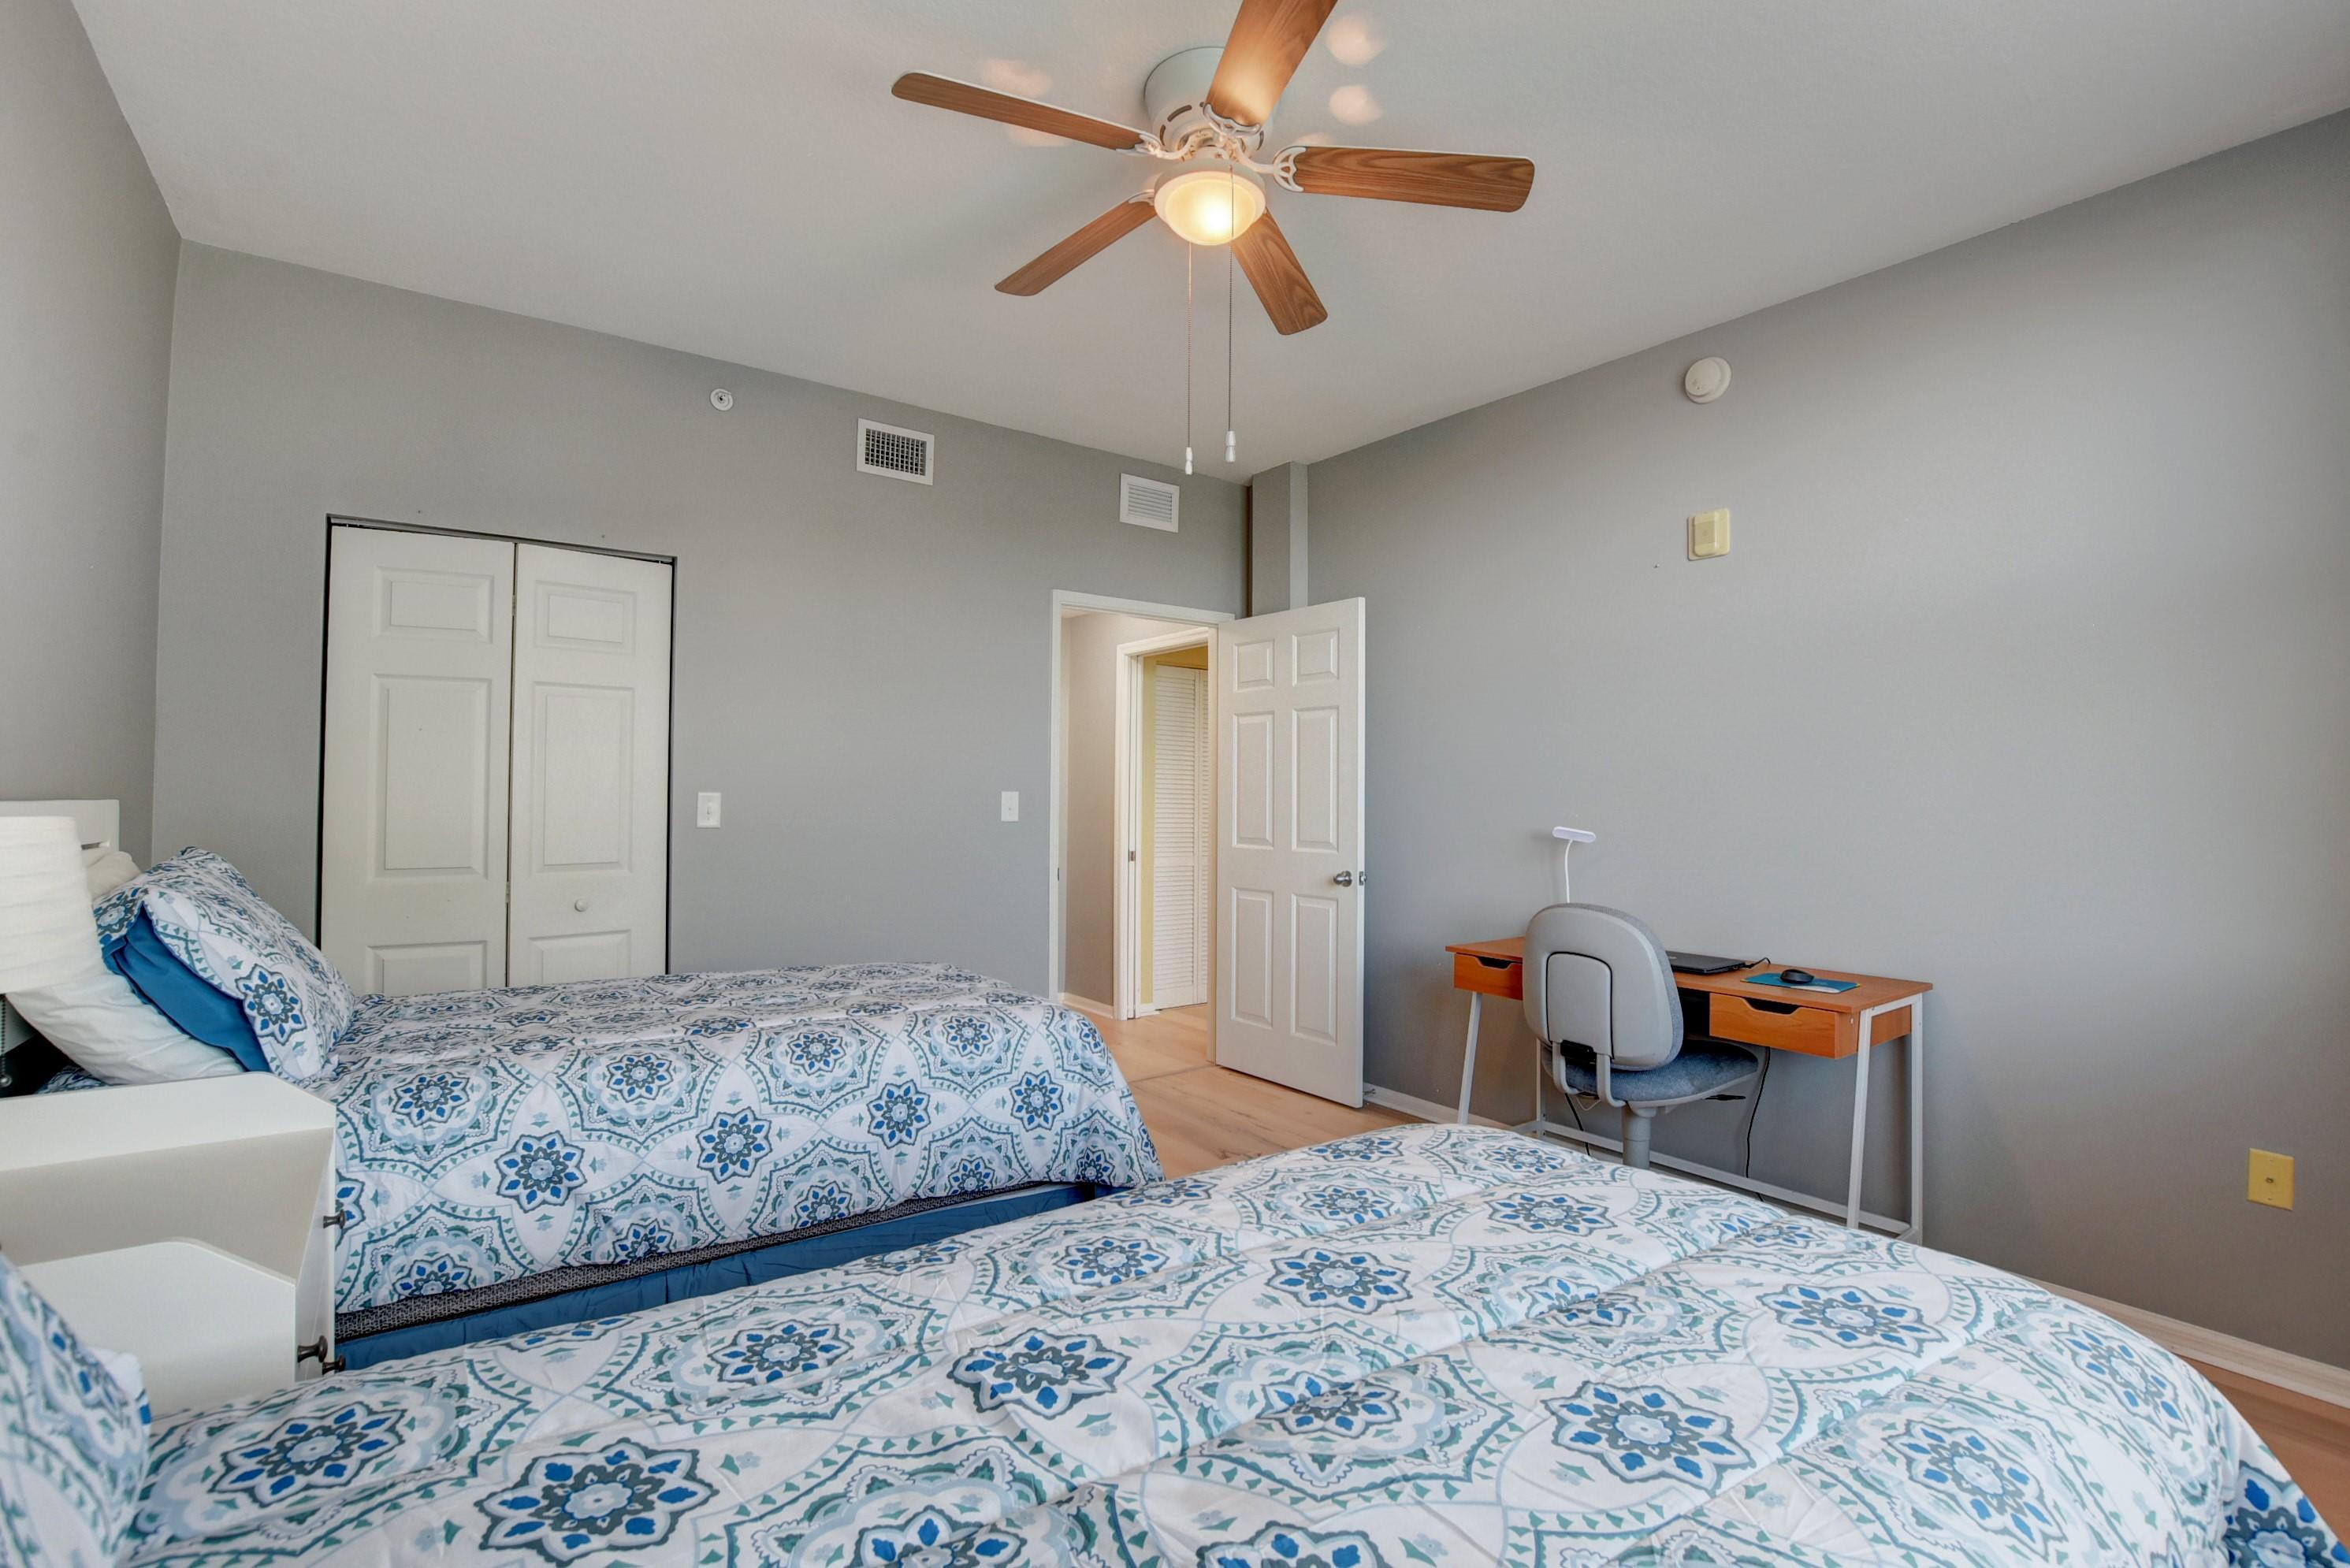 8 Second bedroom